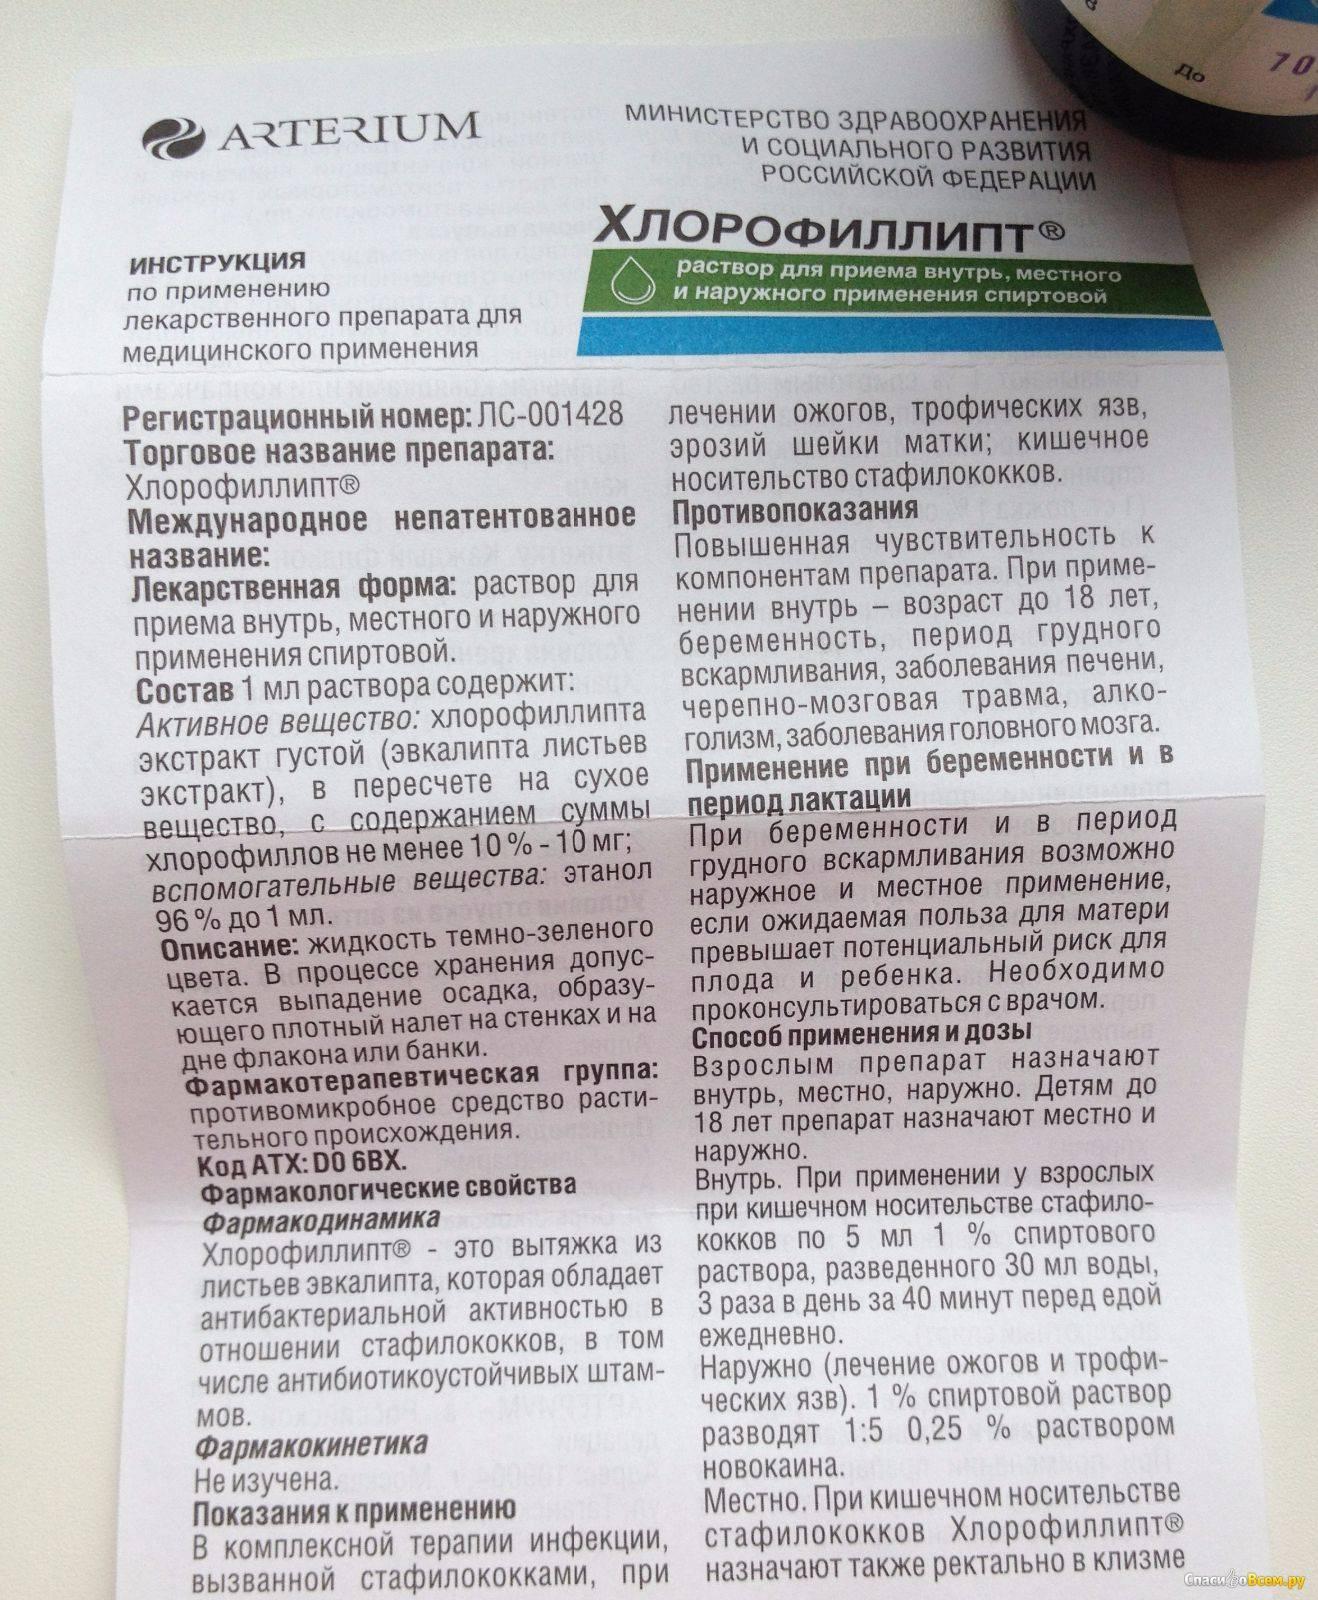 Фурацилин – инструкция по применению: как разводить таблетки и полоскать горло при ангине и тонзиллите